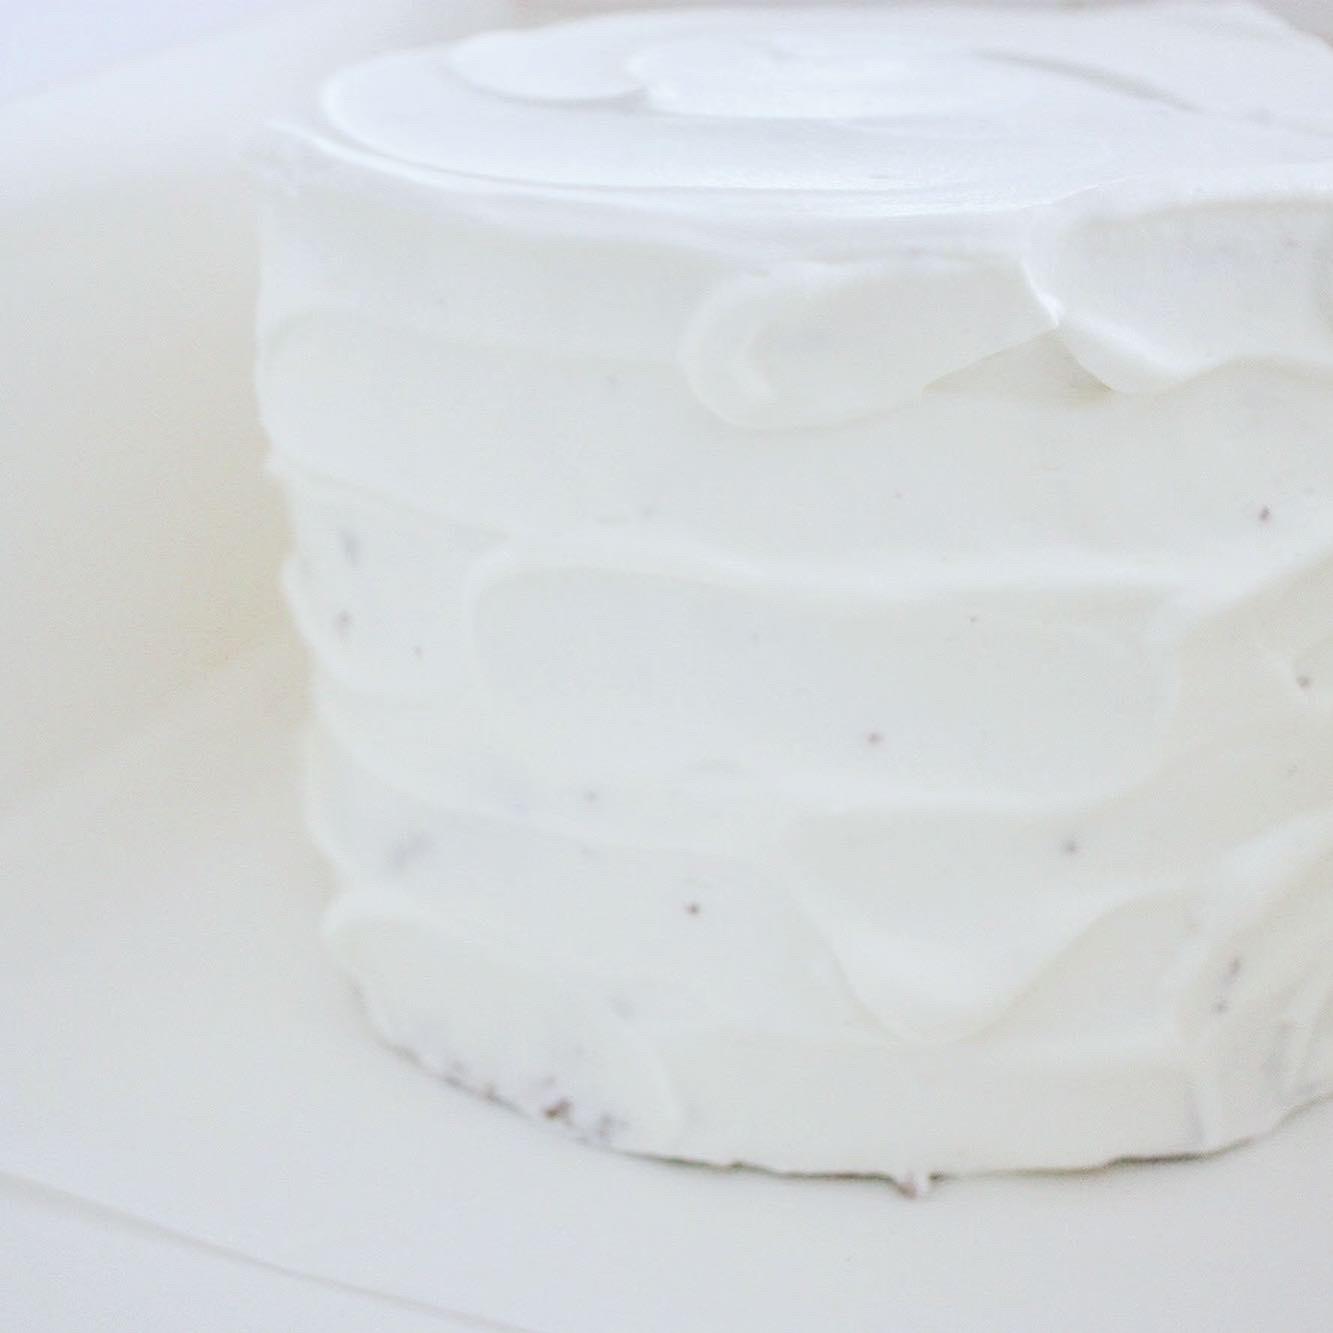 カップルの1000日記念日に合わせてケーキ_d0339705_16481489.jpg